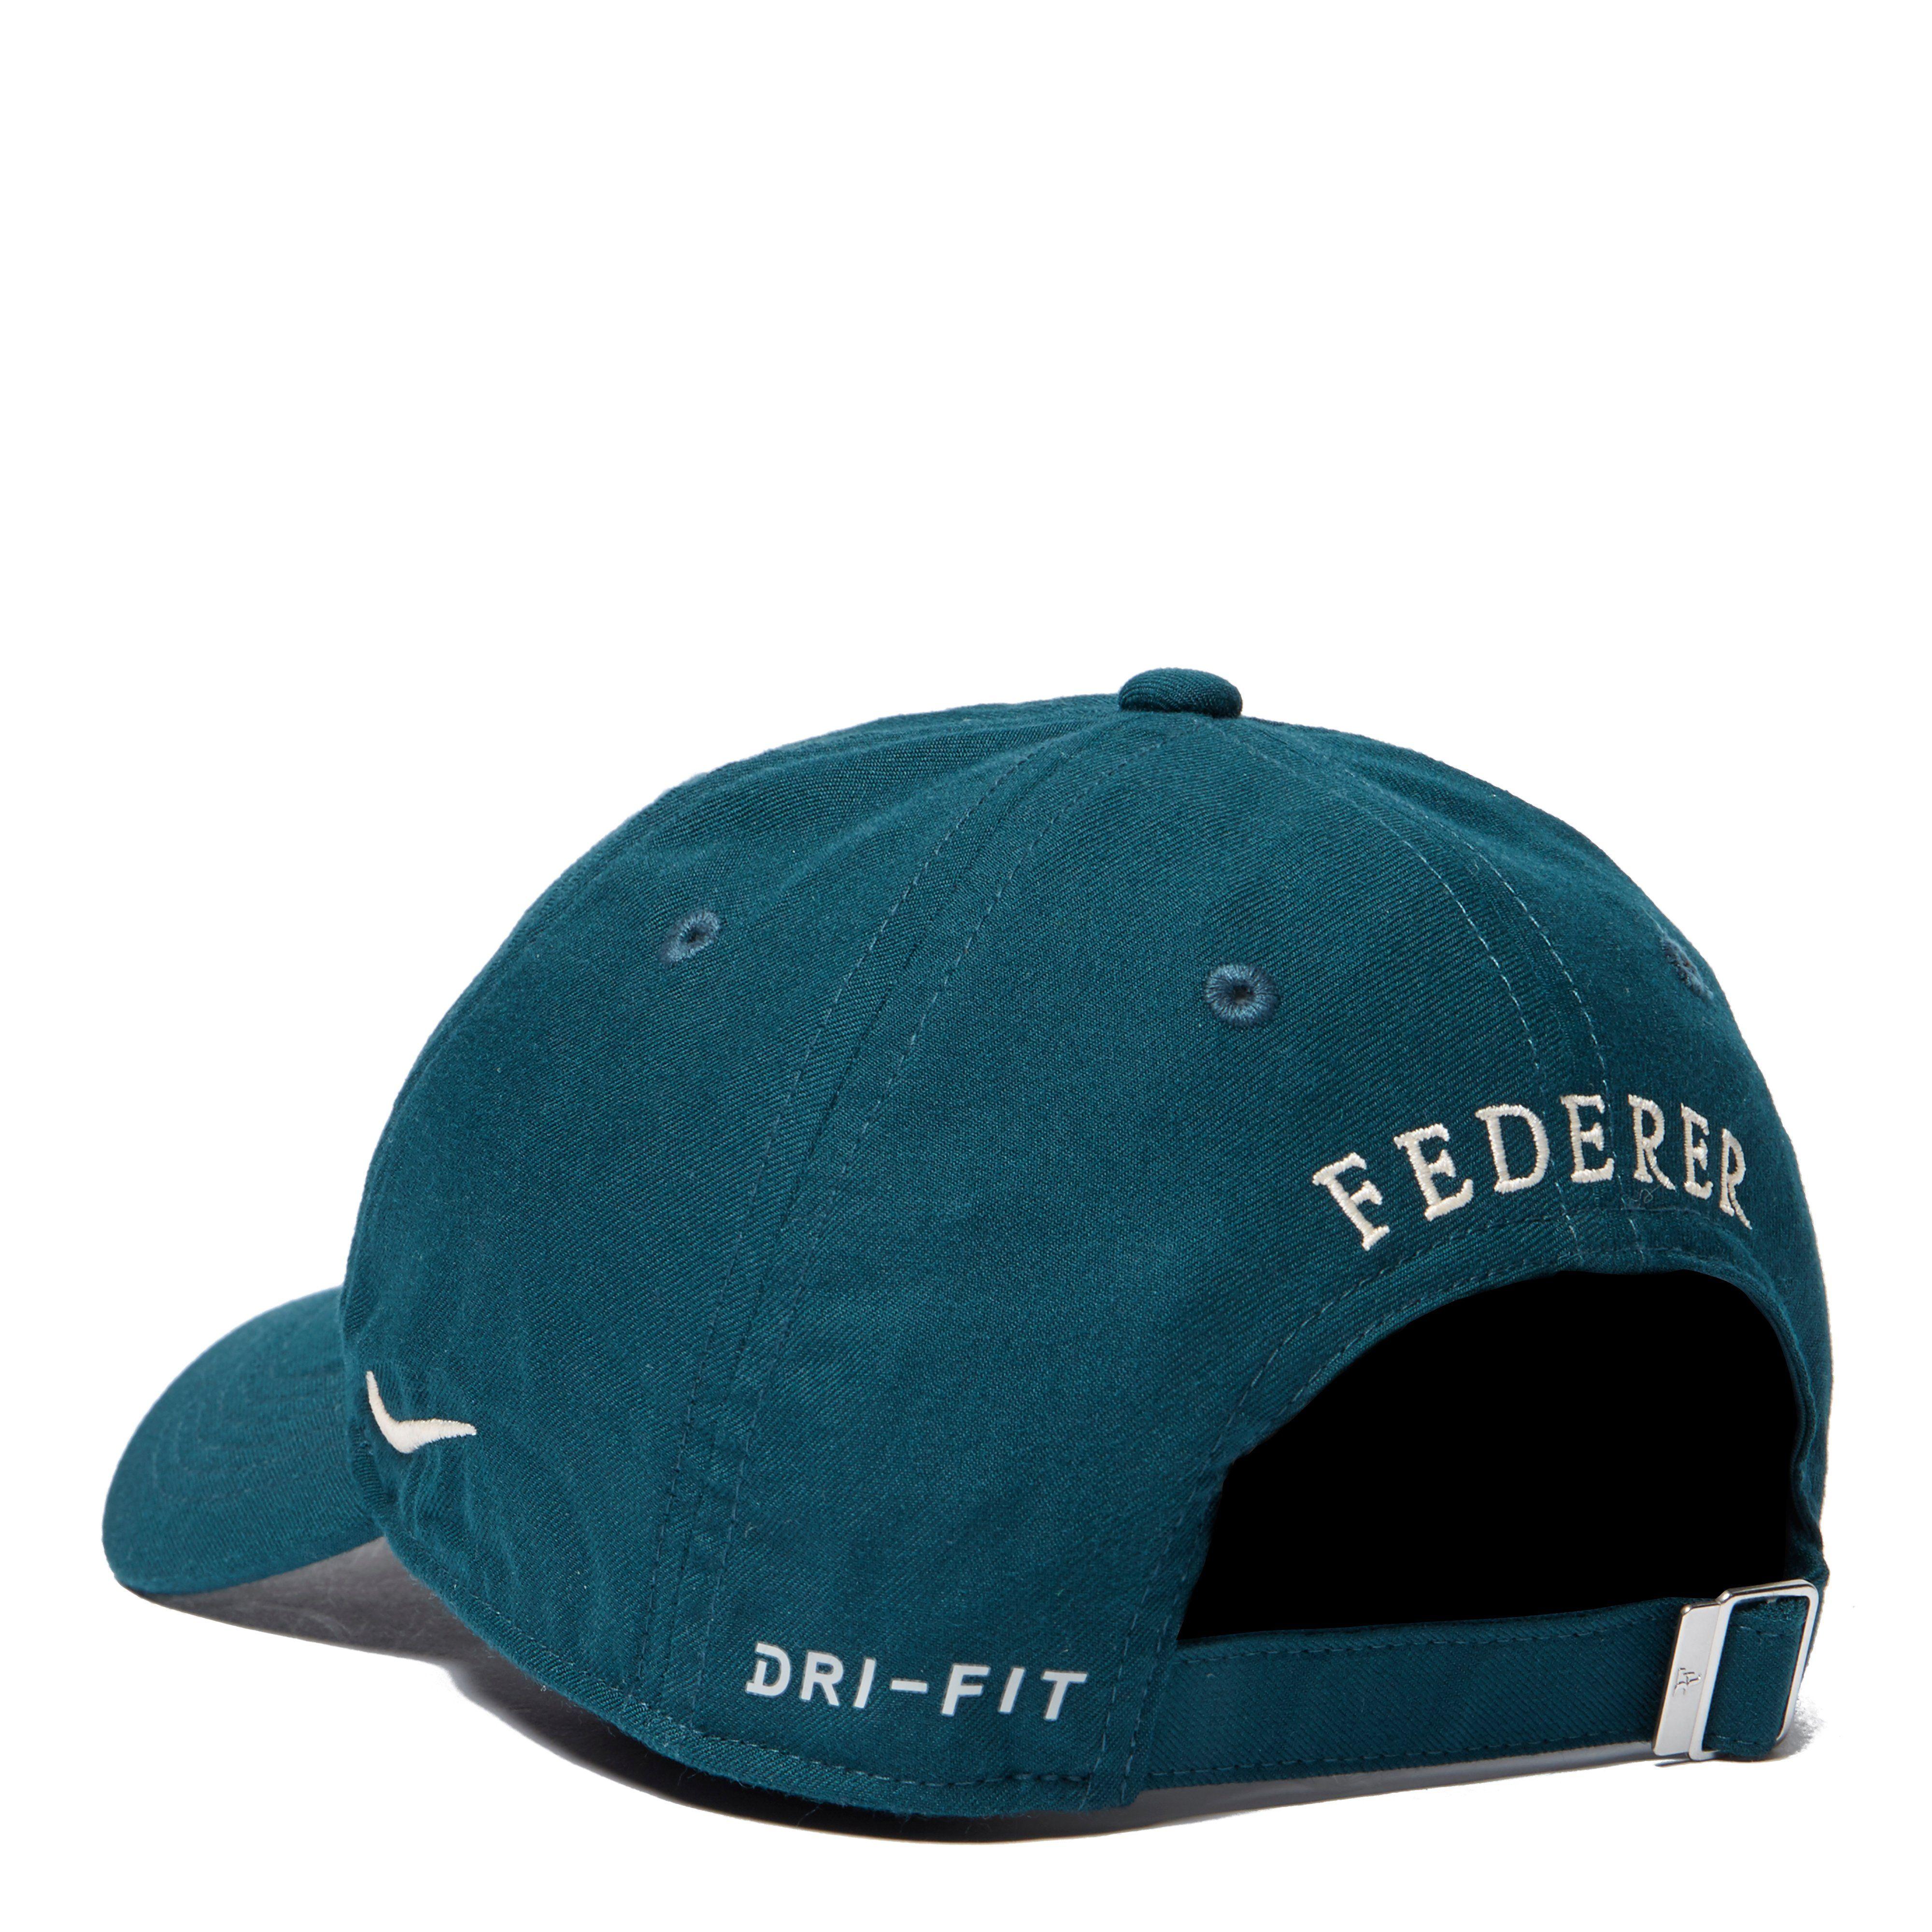 Nike Court RF AeroBill H86 Tennis Cap